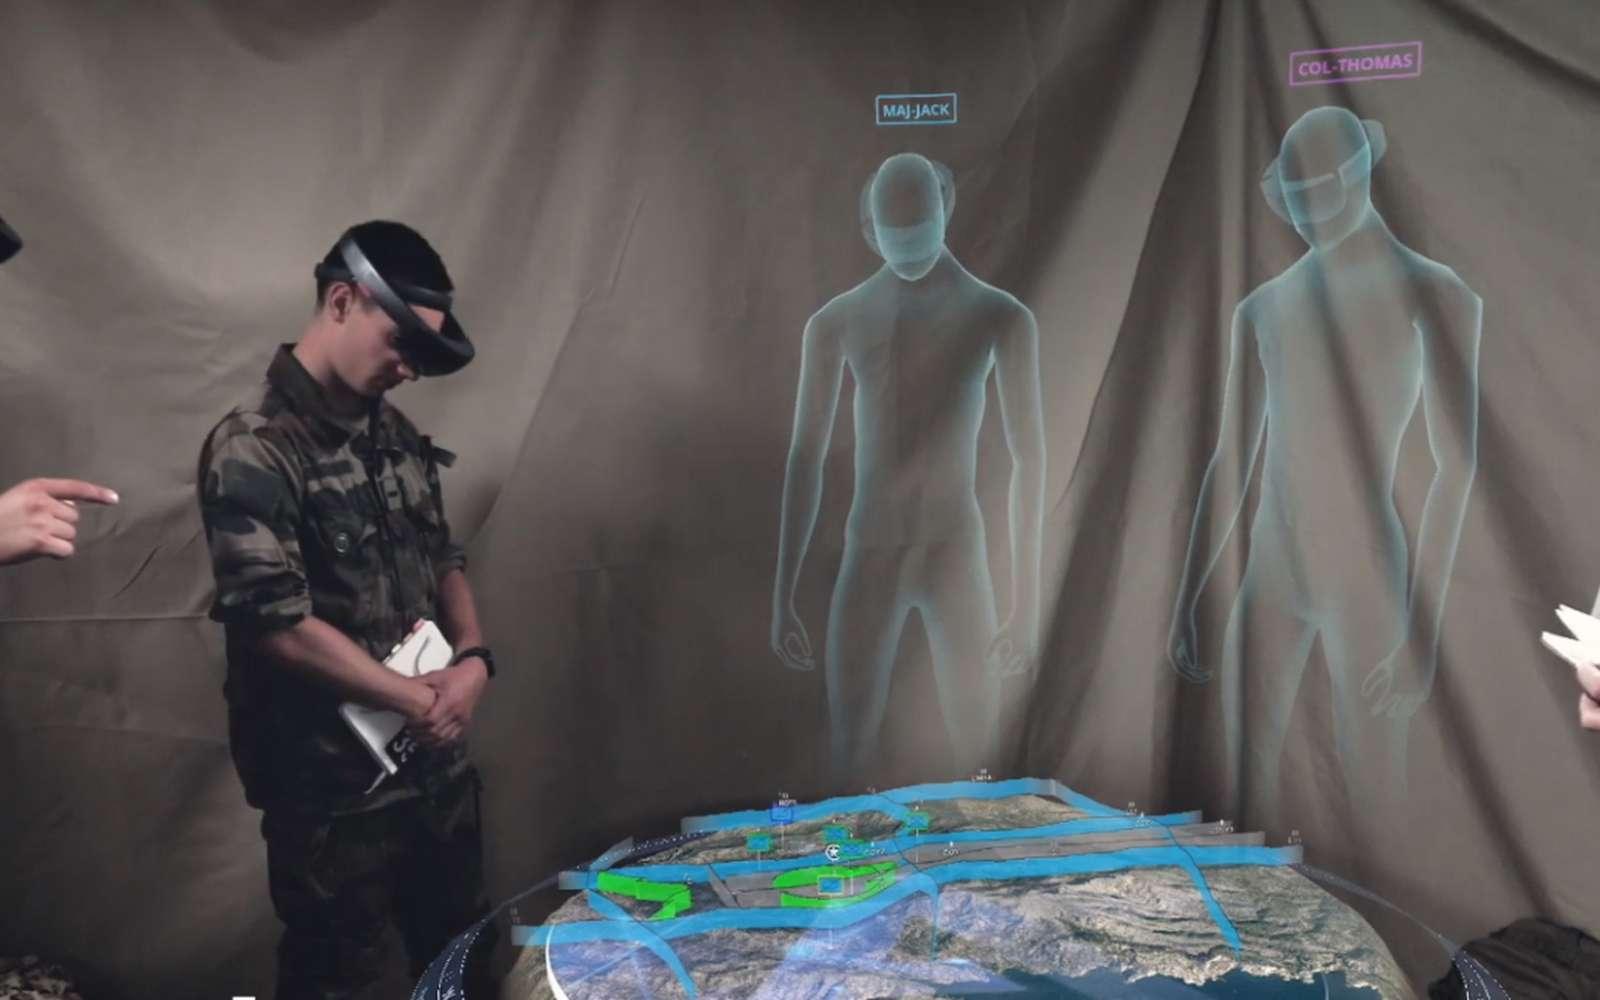 Chez Airbus, le casque Hololens 2 de Microsoft servira à construire plus vite des avions, mais aussi à aider les militaires dans leurs opérations sur le terrain, grâce à une vision 3D du champ de bataille. © Airbus